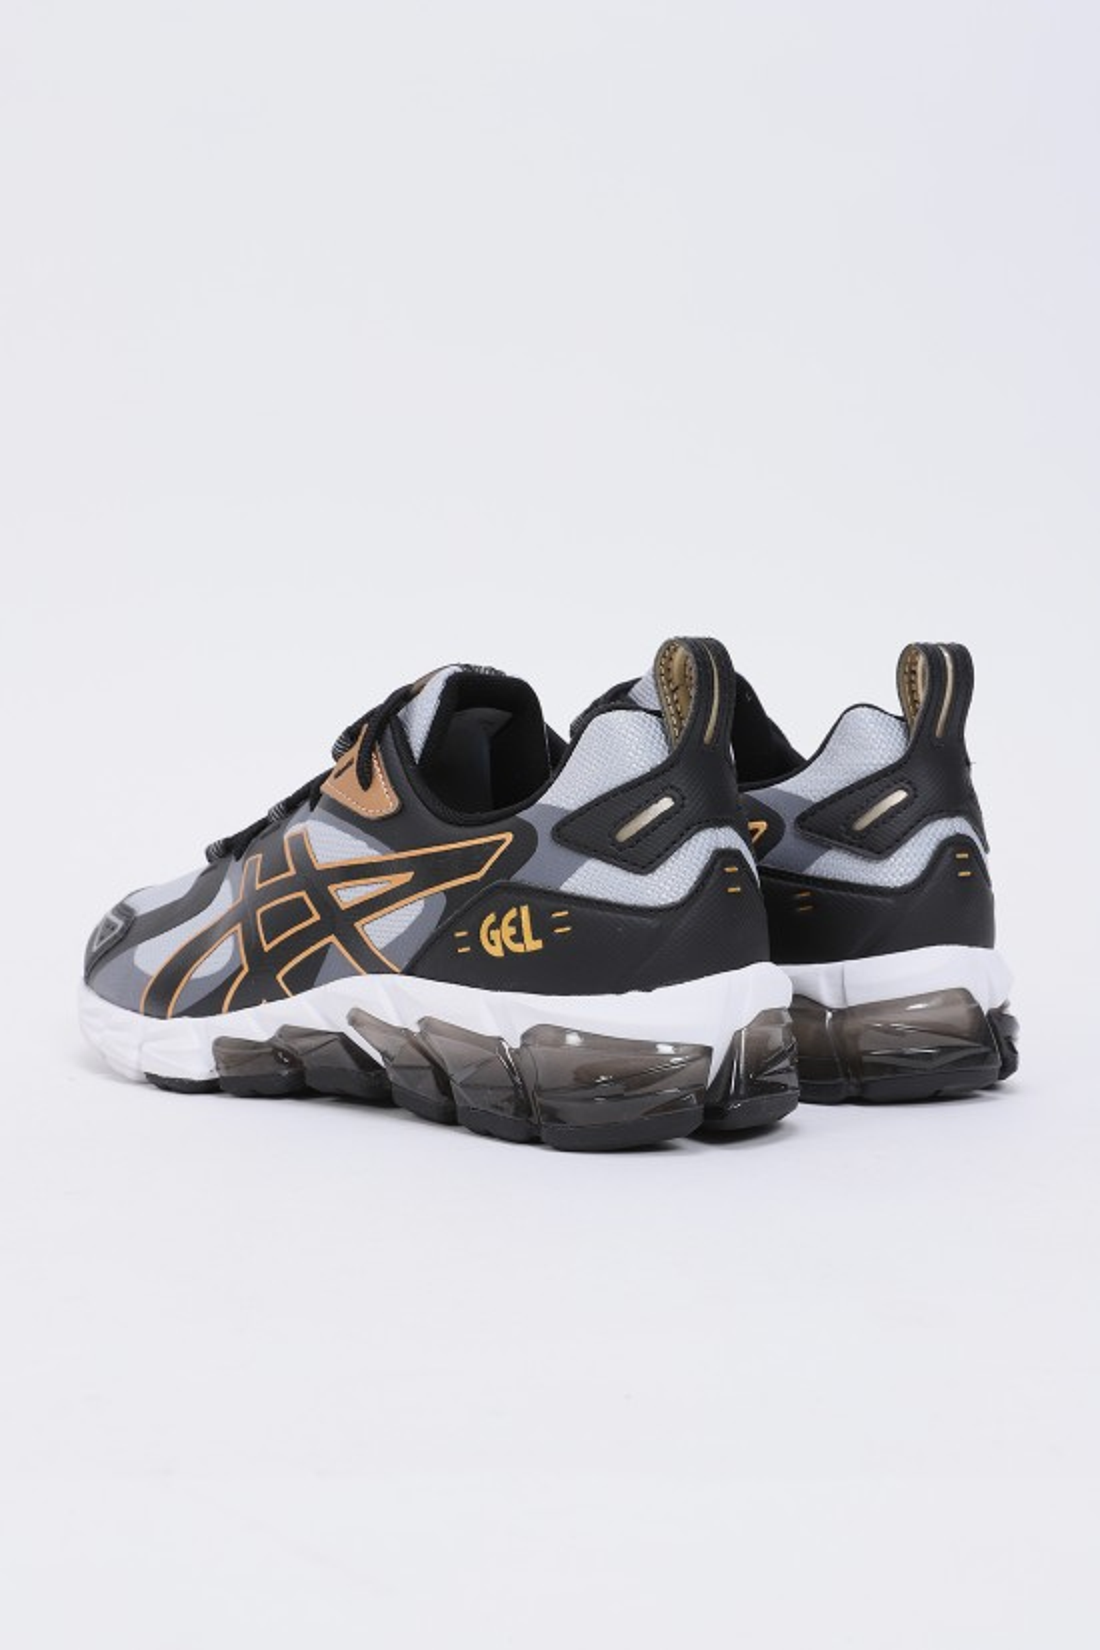 ASICS / Gel-quantum 180 piedmont Grey black